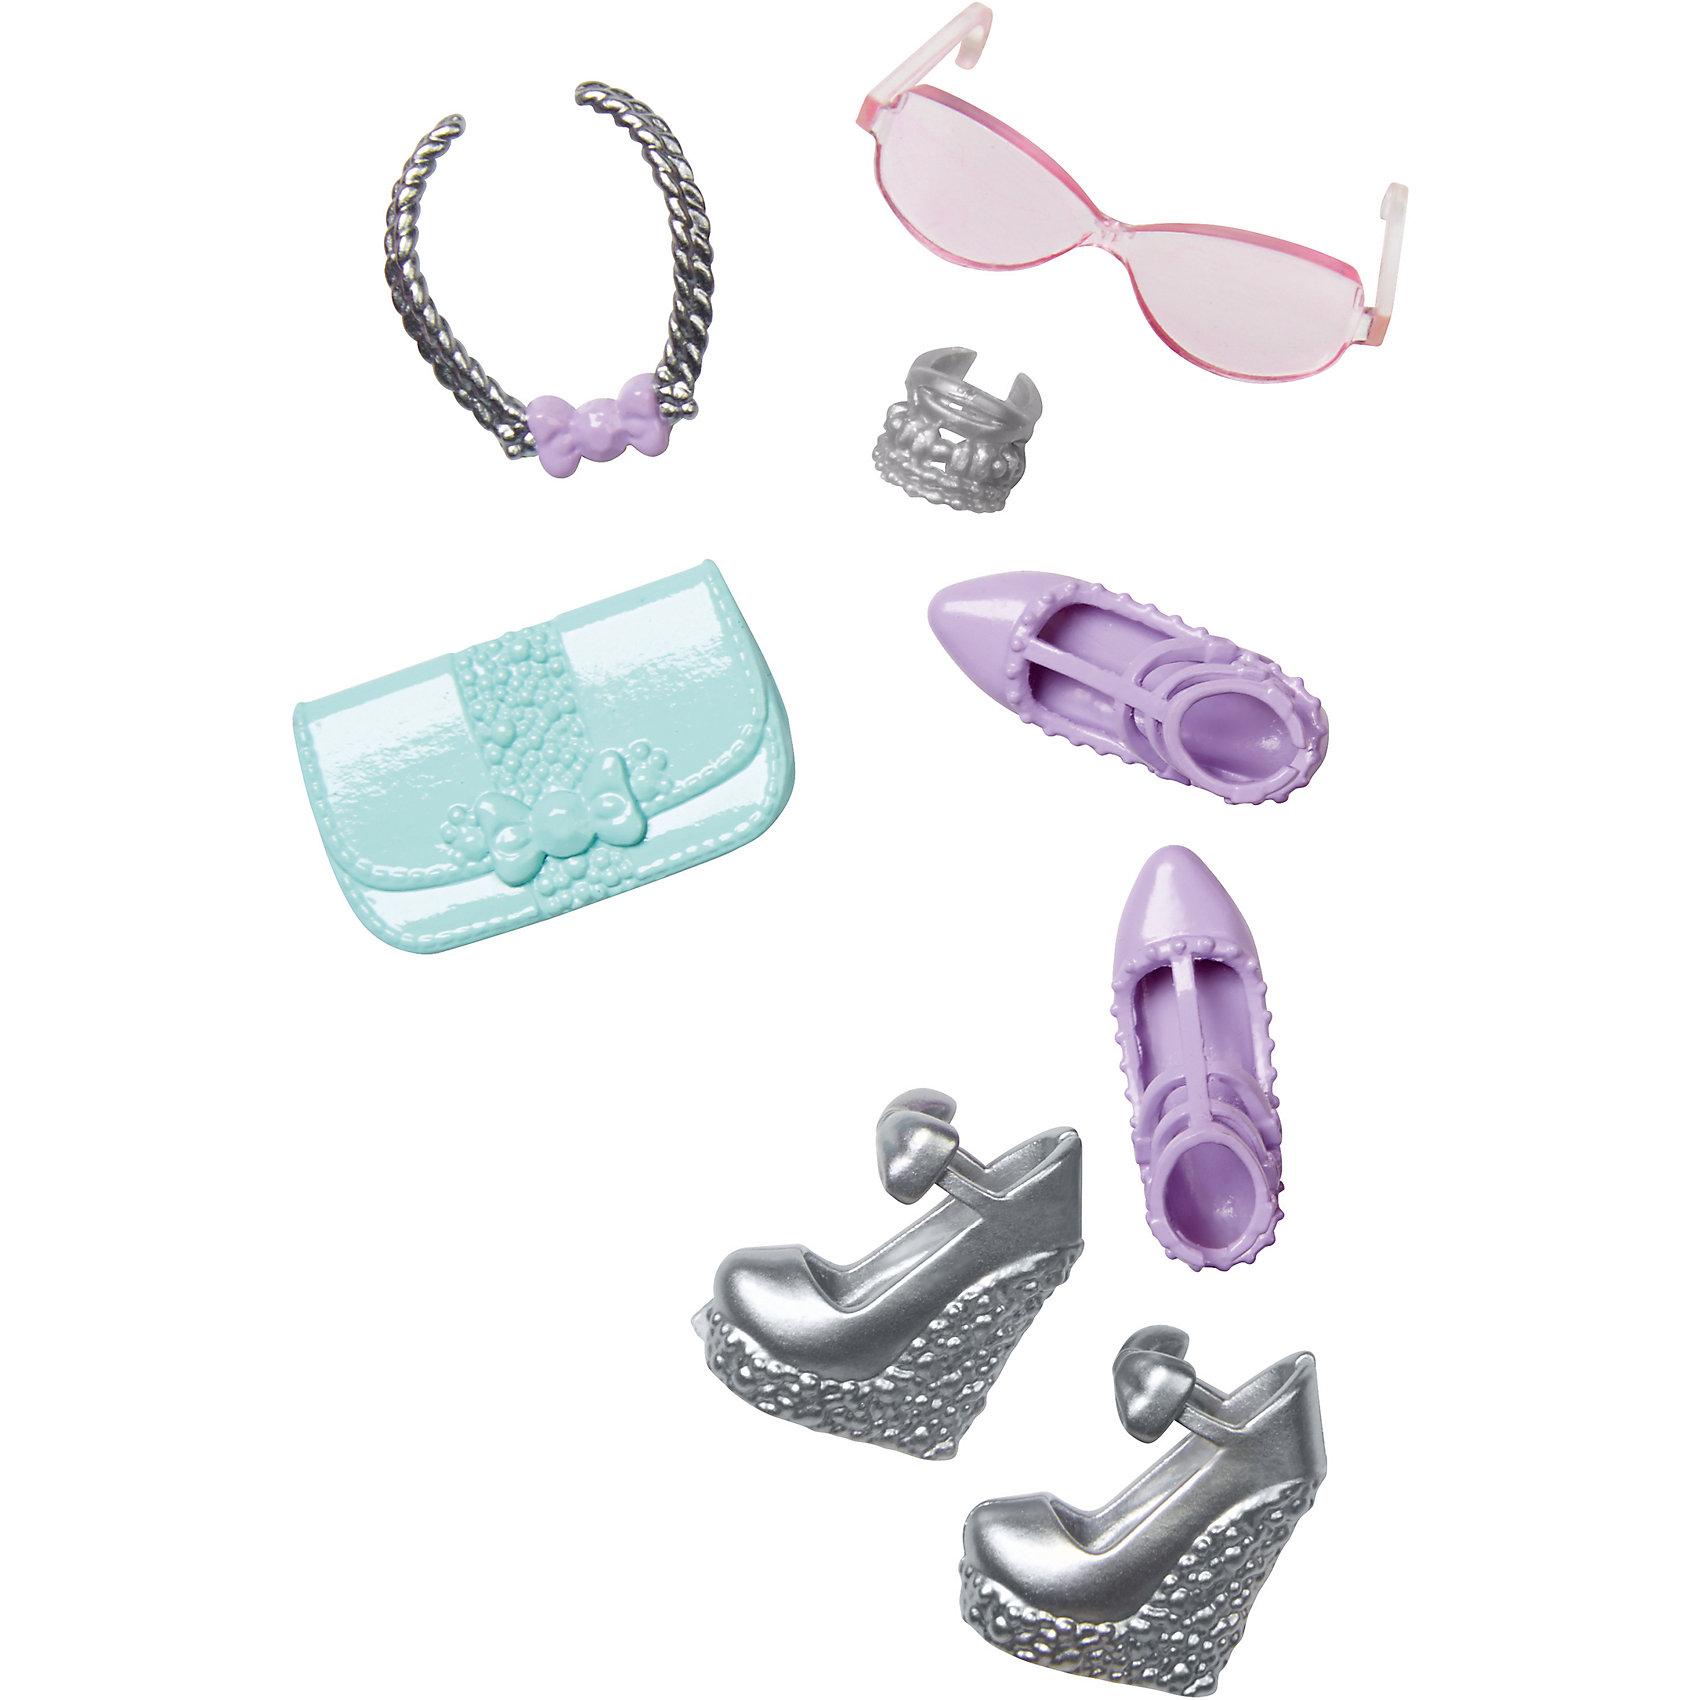 Набор Игра с модой, BarbieСтильные атрибуты для куклы Barbie (Барби) - отличный вариант подарка для любительницы этих кукол. В этот набор входят две пары обуви, сумочка и три дополнительных предмета. Предметы из разных комплектов можно комбинировать, создавая новые шикарные образы для любимой куклы.<br>Такие игрушки помогают развить мелкую моторику, логическое мышление и воображение ребенка. Эта игрушка выполнена из высококачественного прочного пластика, безопасного для детей, отлично детализирована.<br><br>Дополнительная информация:<br><br>комплектация: две пары обуви, сумочка и три дополнительных предмета; <br>цвет: разноцветный;<br>материал: пластик;<br>кукла продается отдельно!<br><br>Набор Игра с модой, Barbie от компании Mattel можно купить в нашем магазине.<br><br>Ширина мм: 172<br>Глубина мм: 78<br>Высота мм: 17<br>Вес г: 18<br>Возраст от месяцев: 36<br>Возраст до месяцев: 96<br>Пол: Женский<br>Возраст: Детский<br>SKU: 5020997